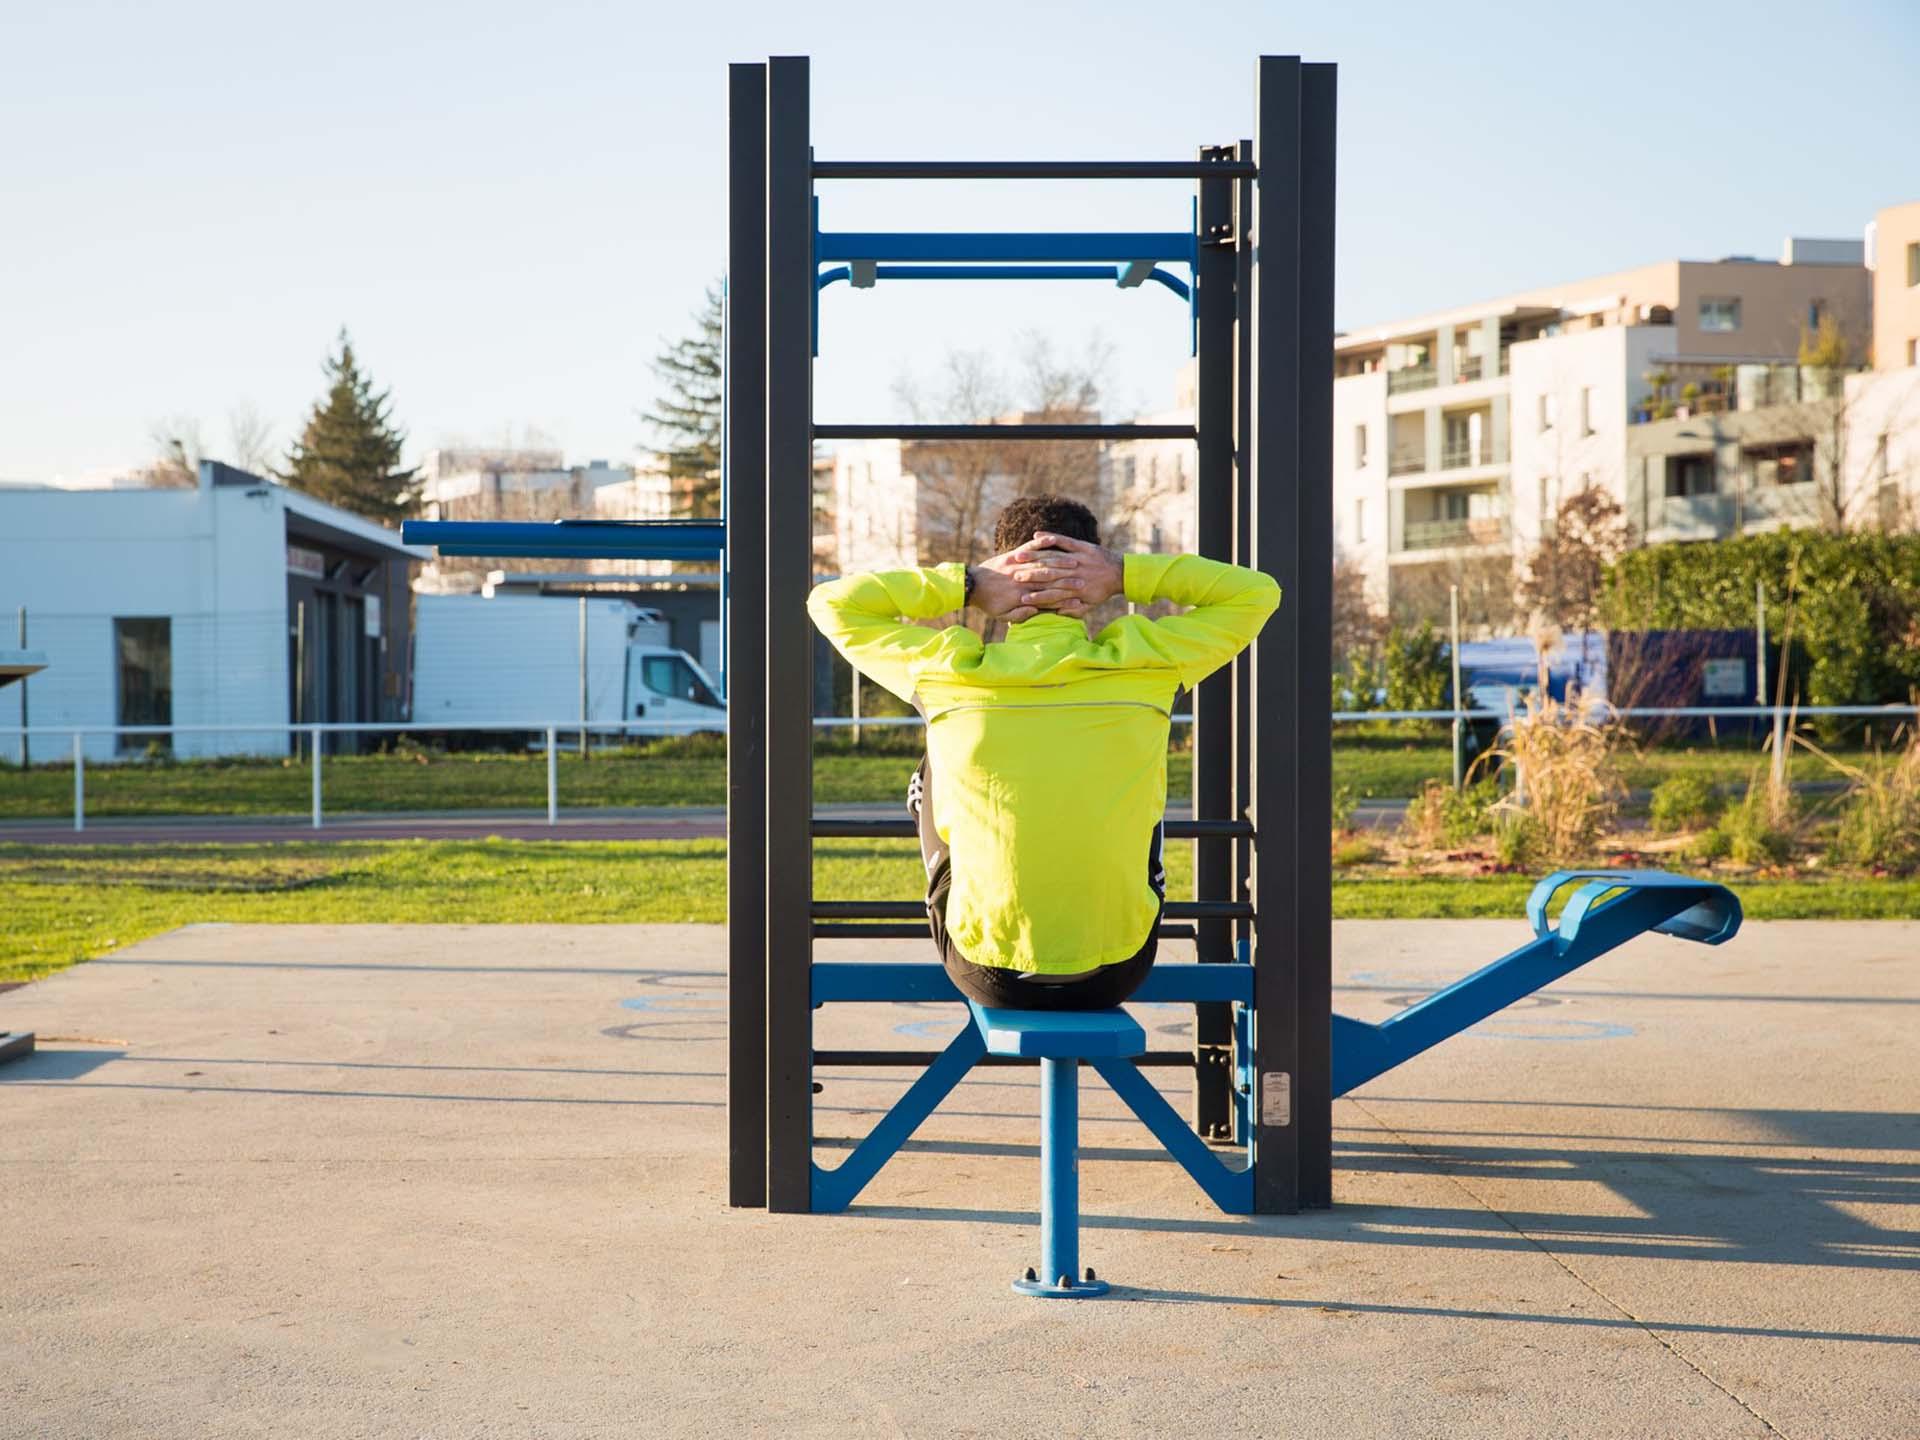 Photo d'un homme faisant du sport sur un équipement à Vaulx en Velin